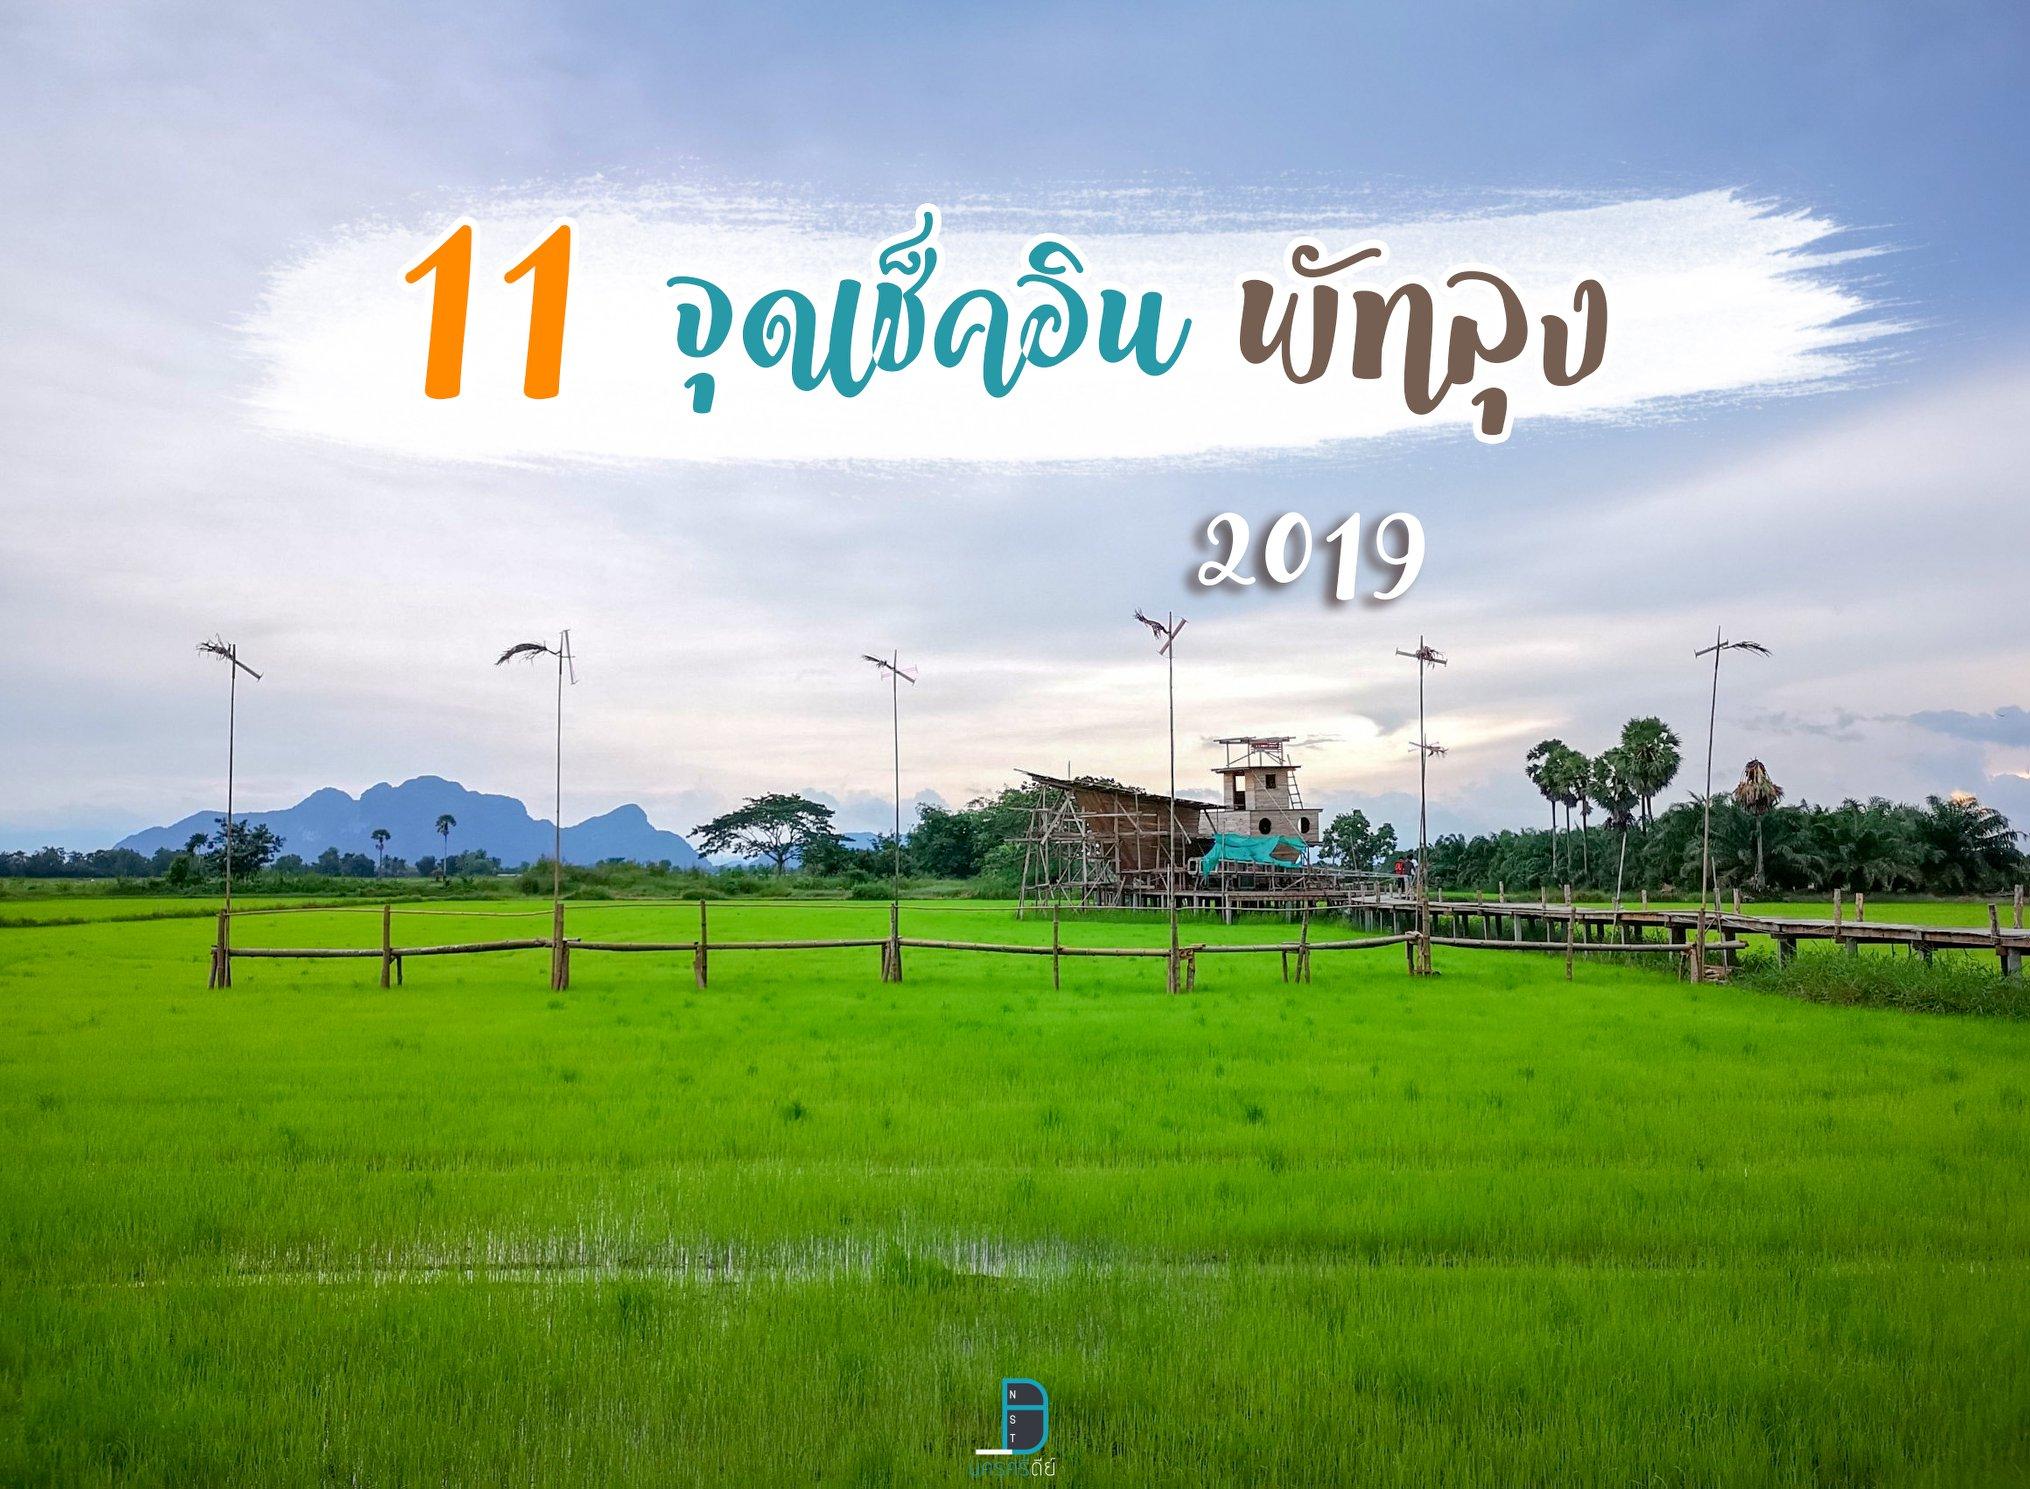 11 สถานที่ท่องเที่ยวพัทลุง 2019 จุดเช็คอินใหม่ๆสวยๆ